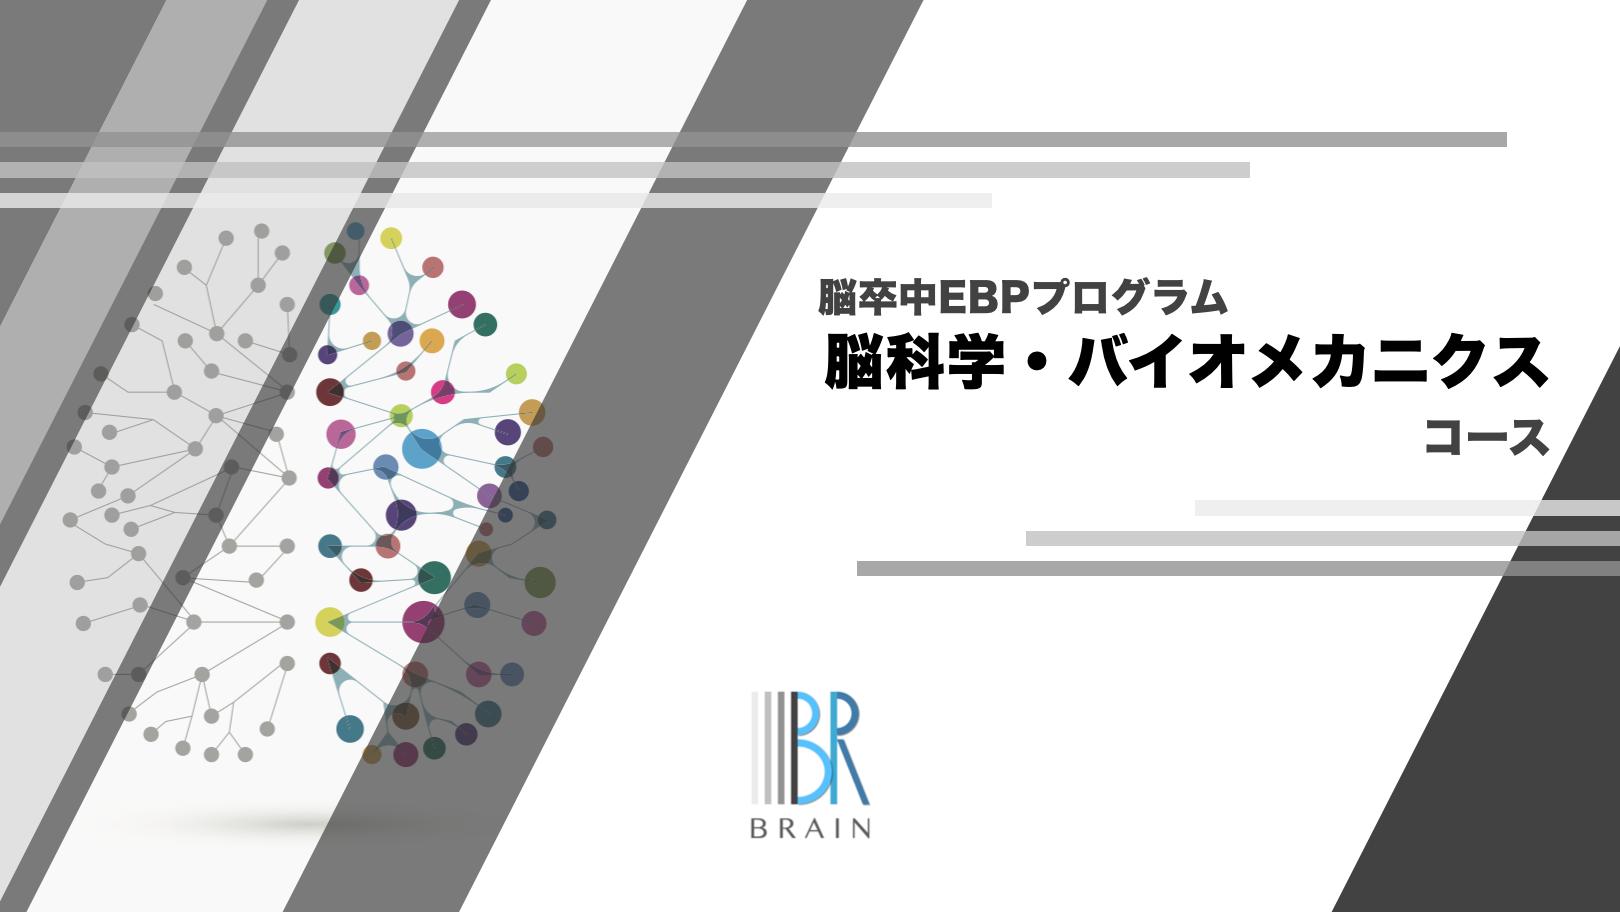 脳卒中EBPプログラム【脳科学・バイオメカニクスコース】